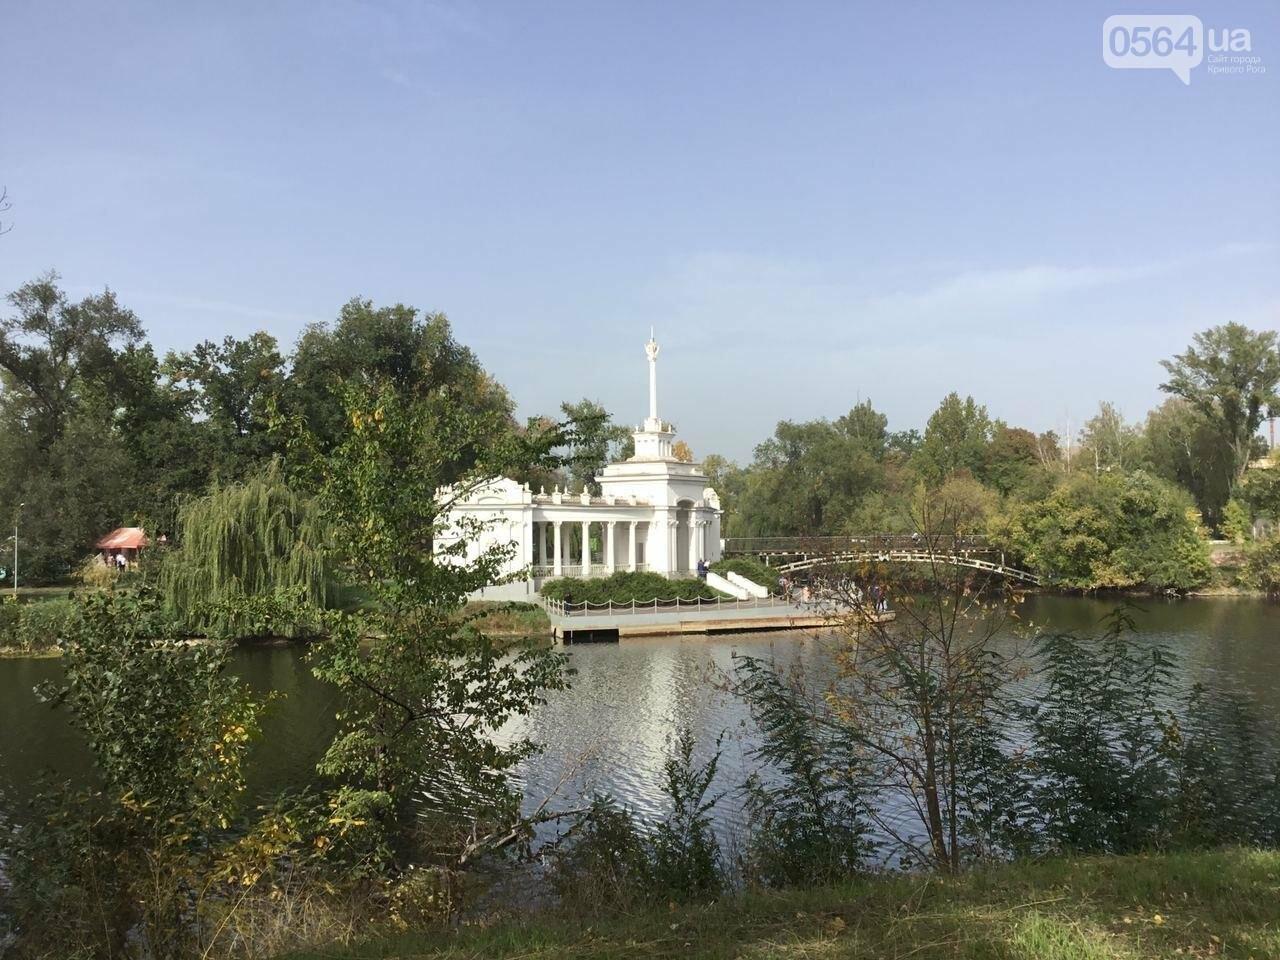 В Гданцевском парке наводят порядок. Как выглядит парк после покоса амброзии, - ФОТО, ВИДЕО, фото-9